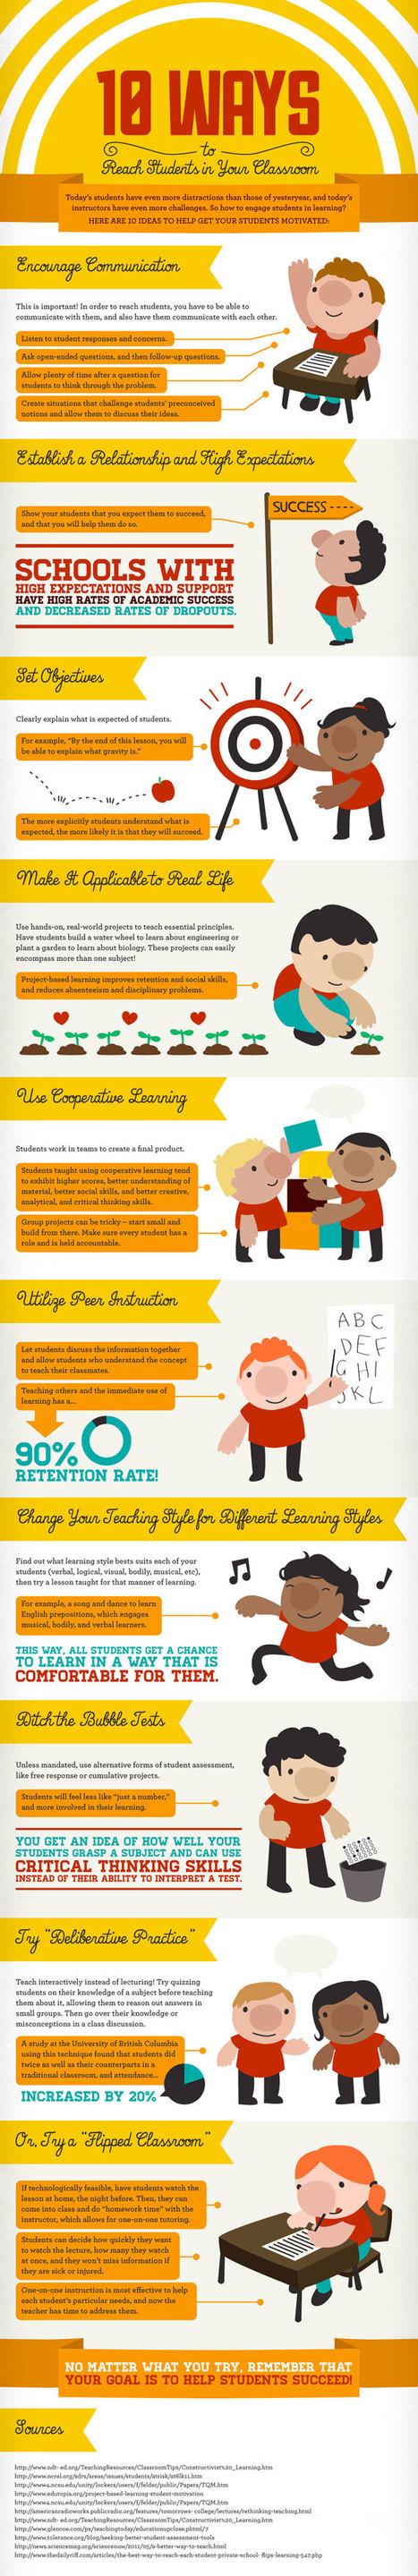 Δέκα τρόποι για να παρακινήσουμε τους μαθητές μας στην τάξη | Μέσα και έξω από την τάξη! | Scoop.it